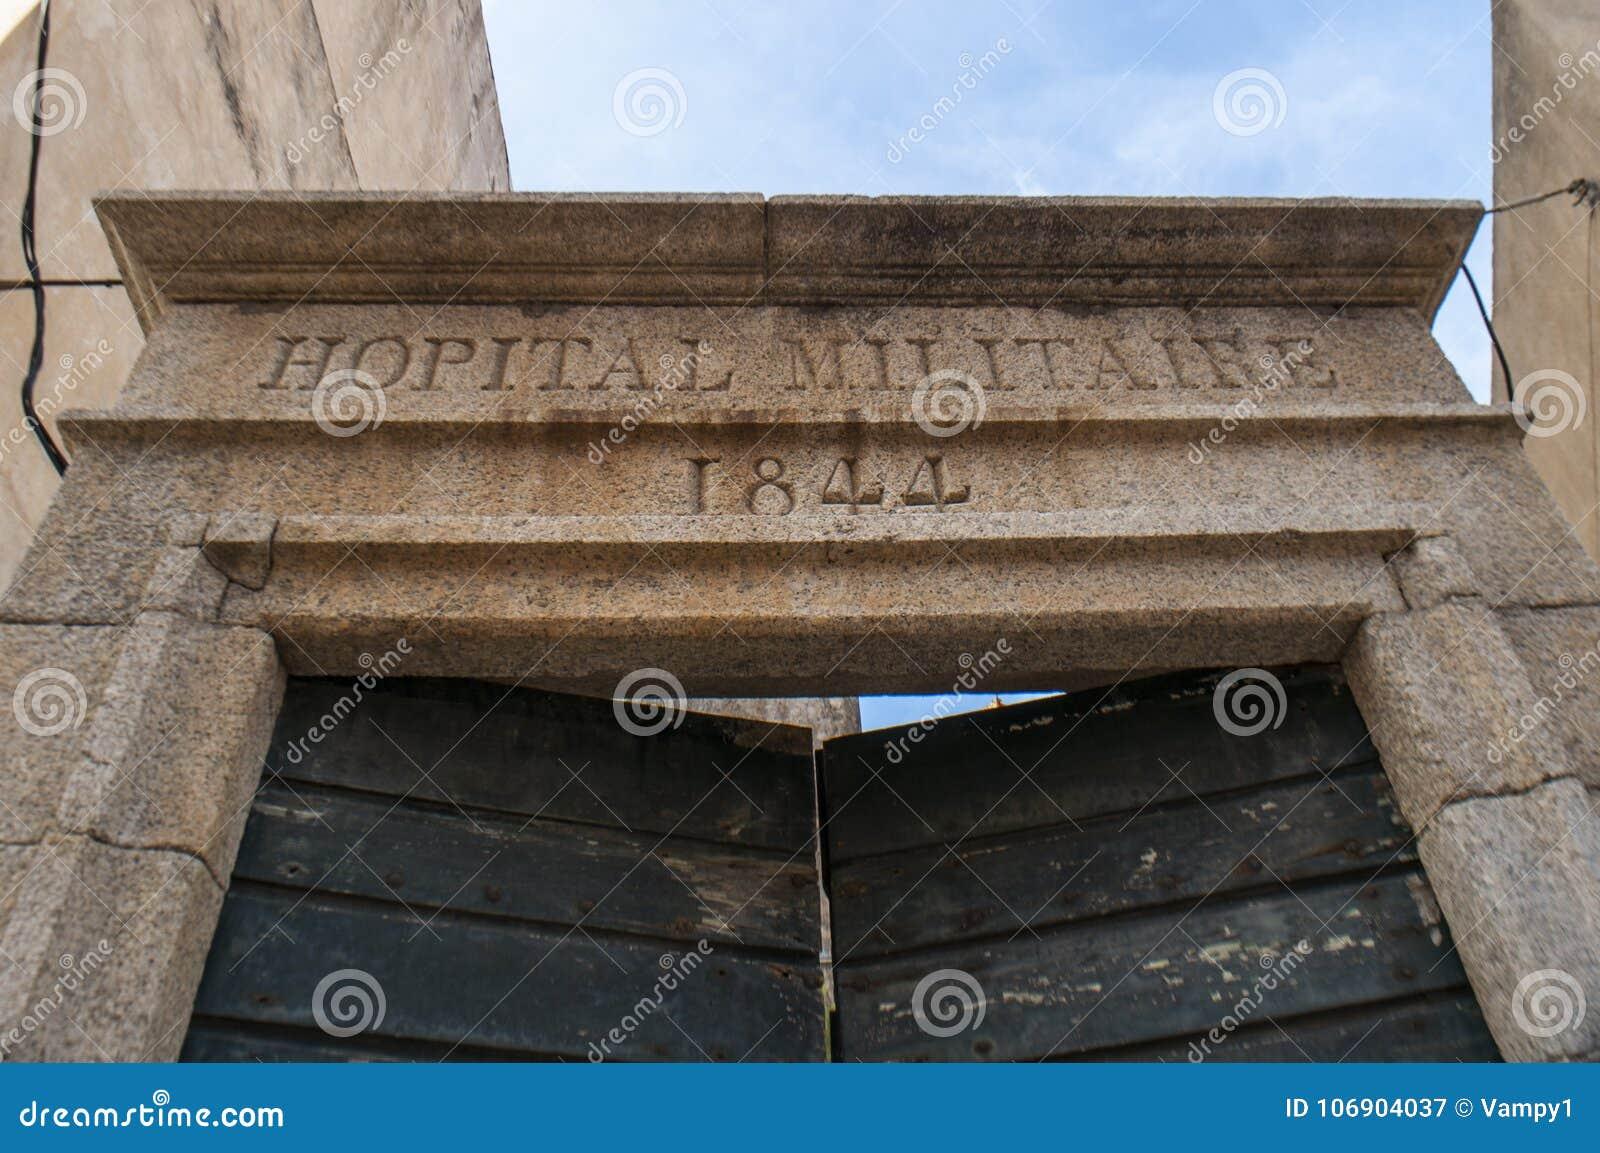 Calvi, cytadela, szpital, wojskowy, antyczne ściany, linia horyzontu, Corsica, Corse, Francja, Europa, islandi